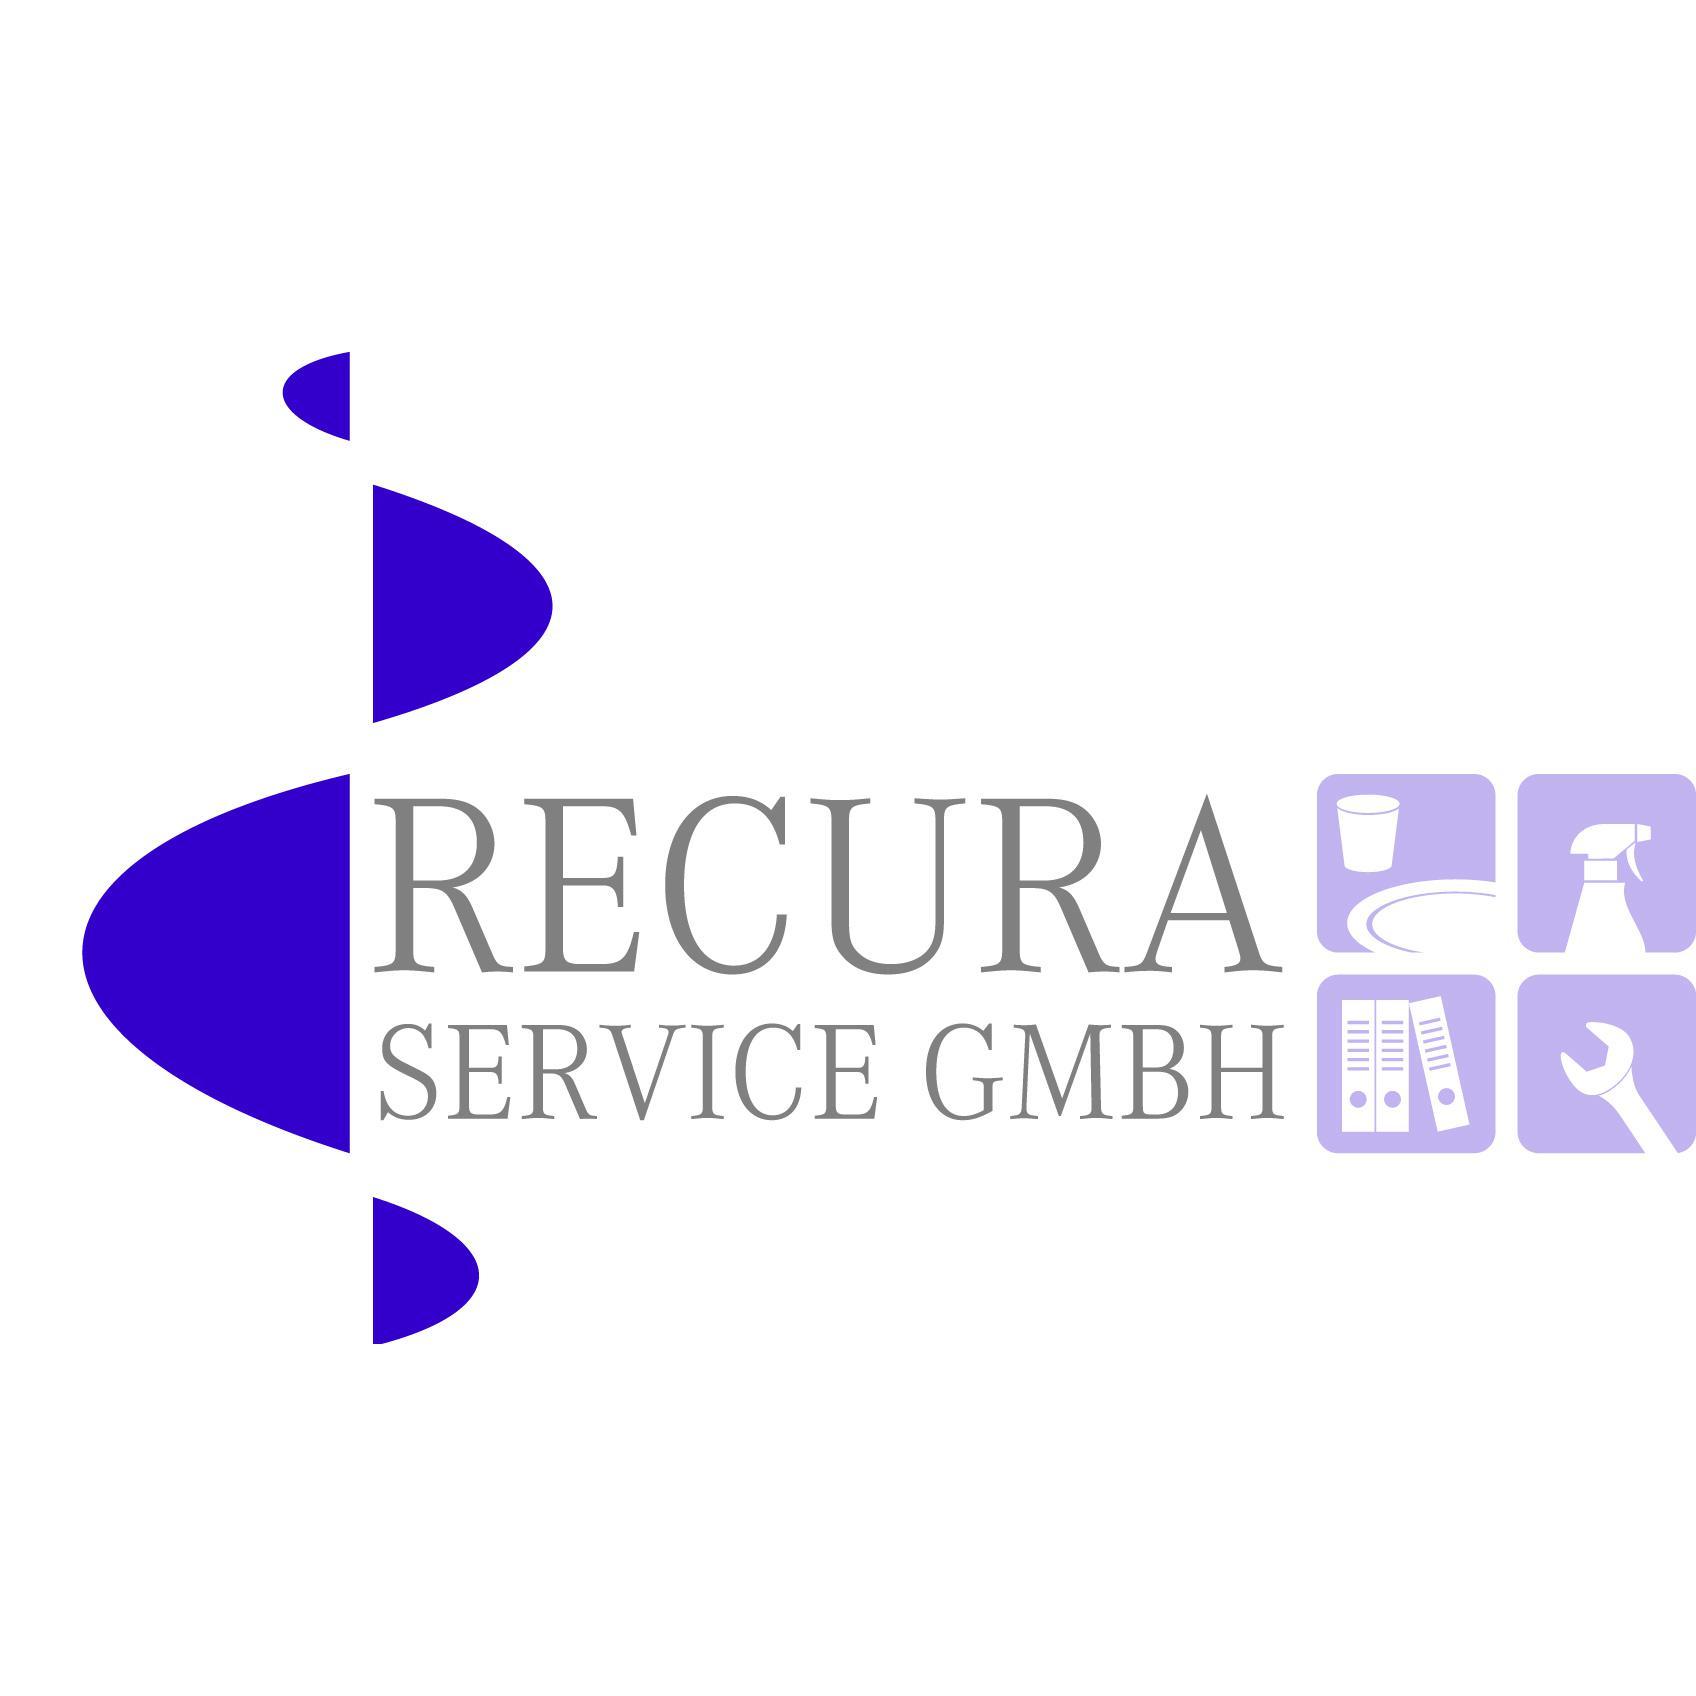 Bild zu RECURA Service GmbH in Heilstätten Stadt Beelitz in der Mark